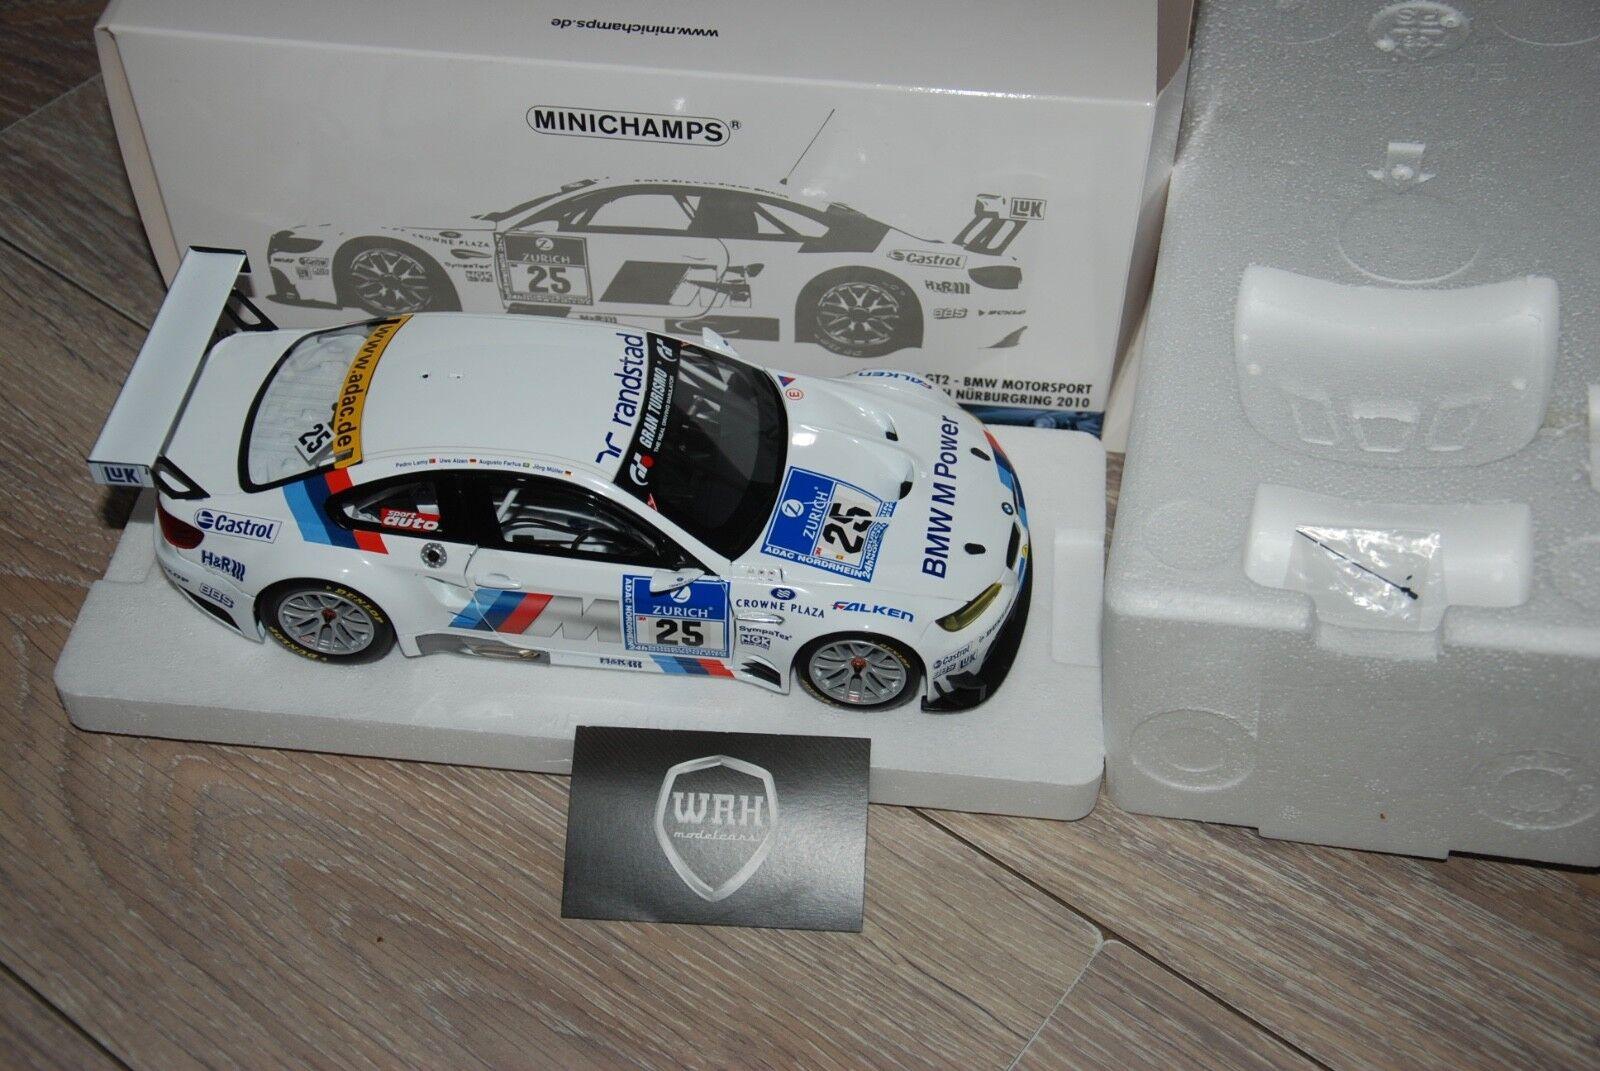 1/18 BMW M3 GT2 25 Nurnburgring Minichamps inbox 1/18 SEE INFO